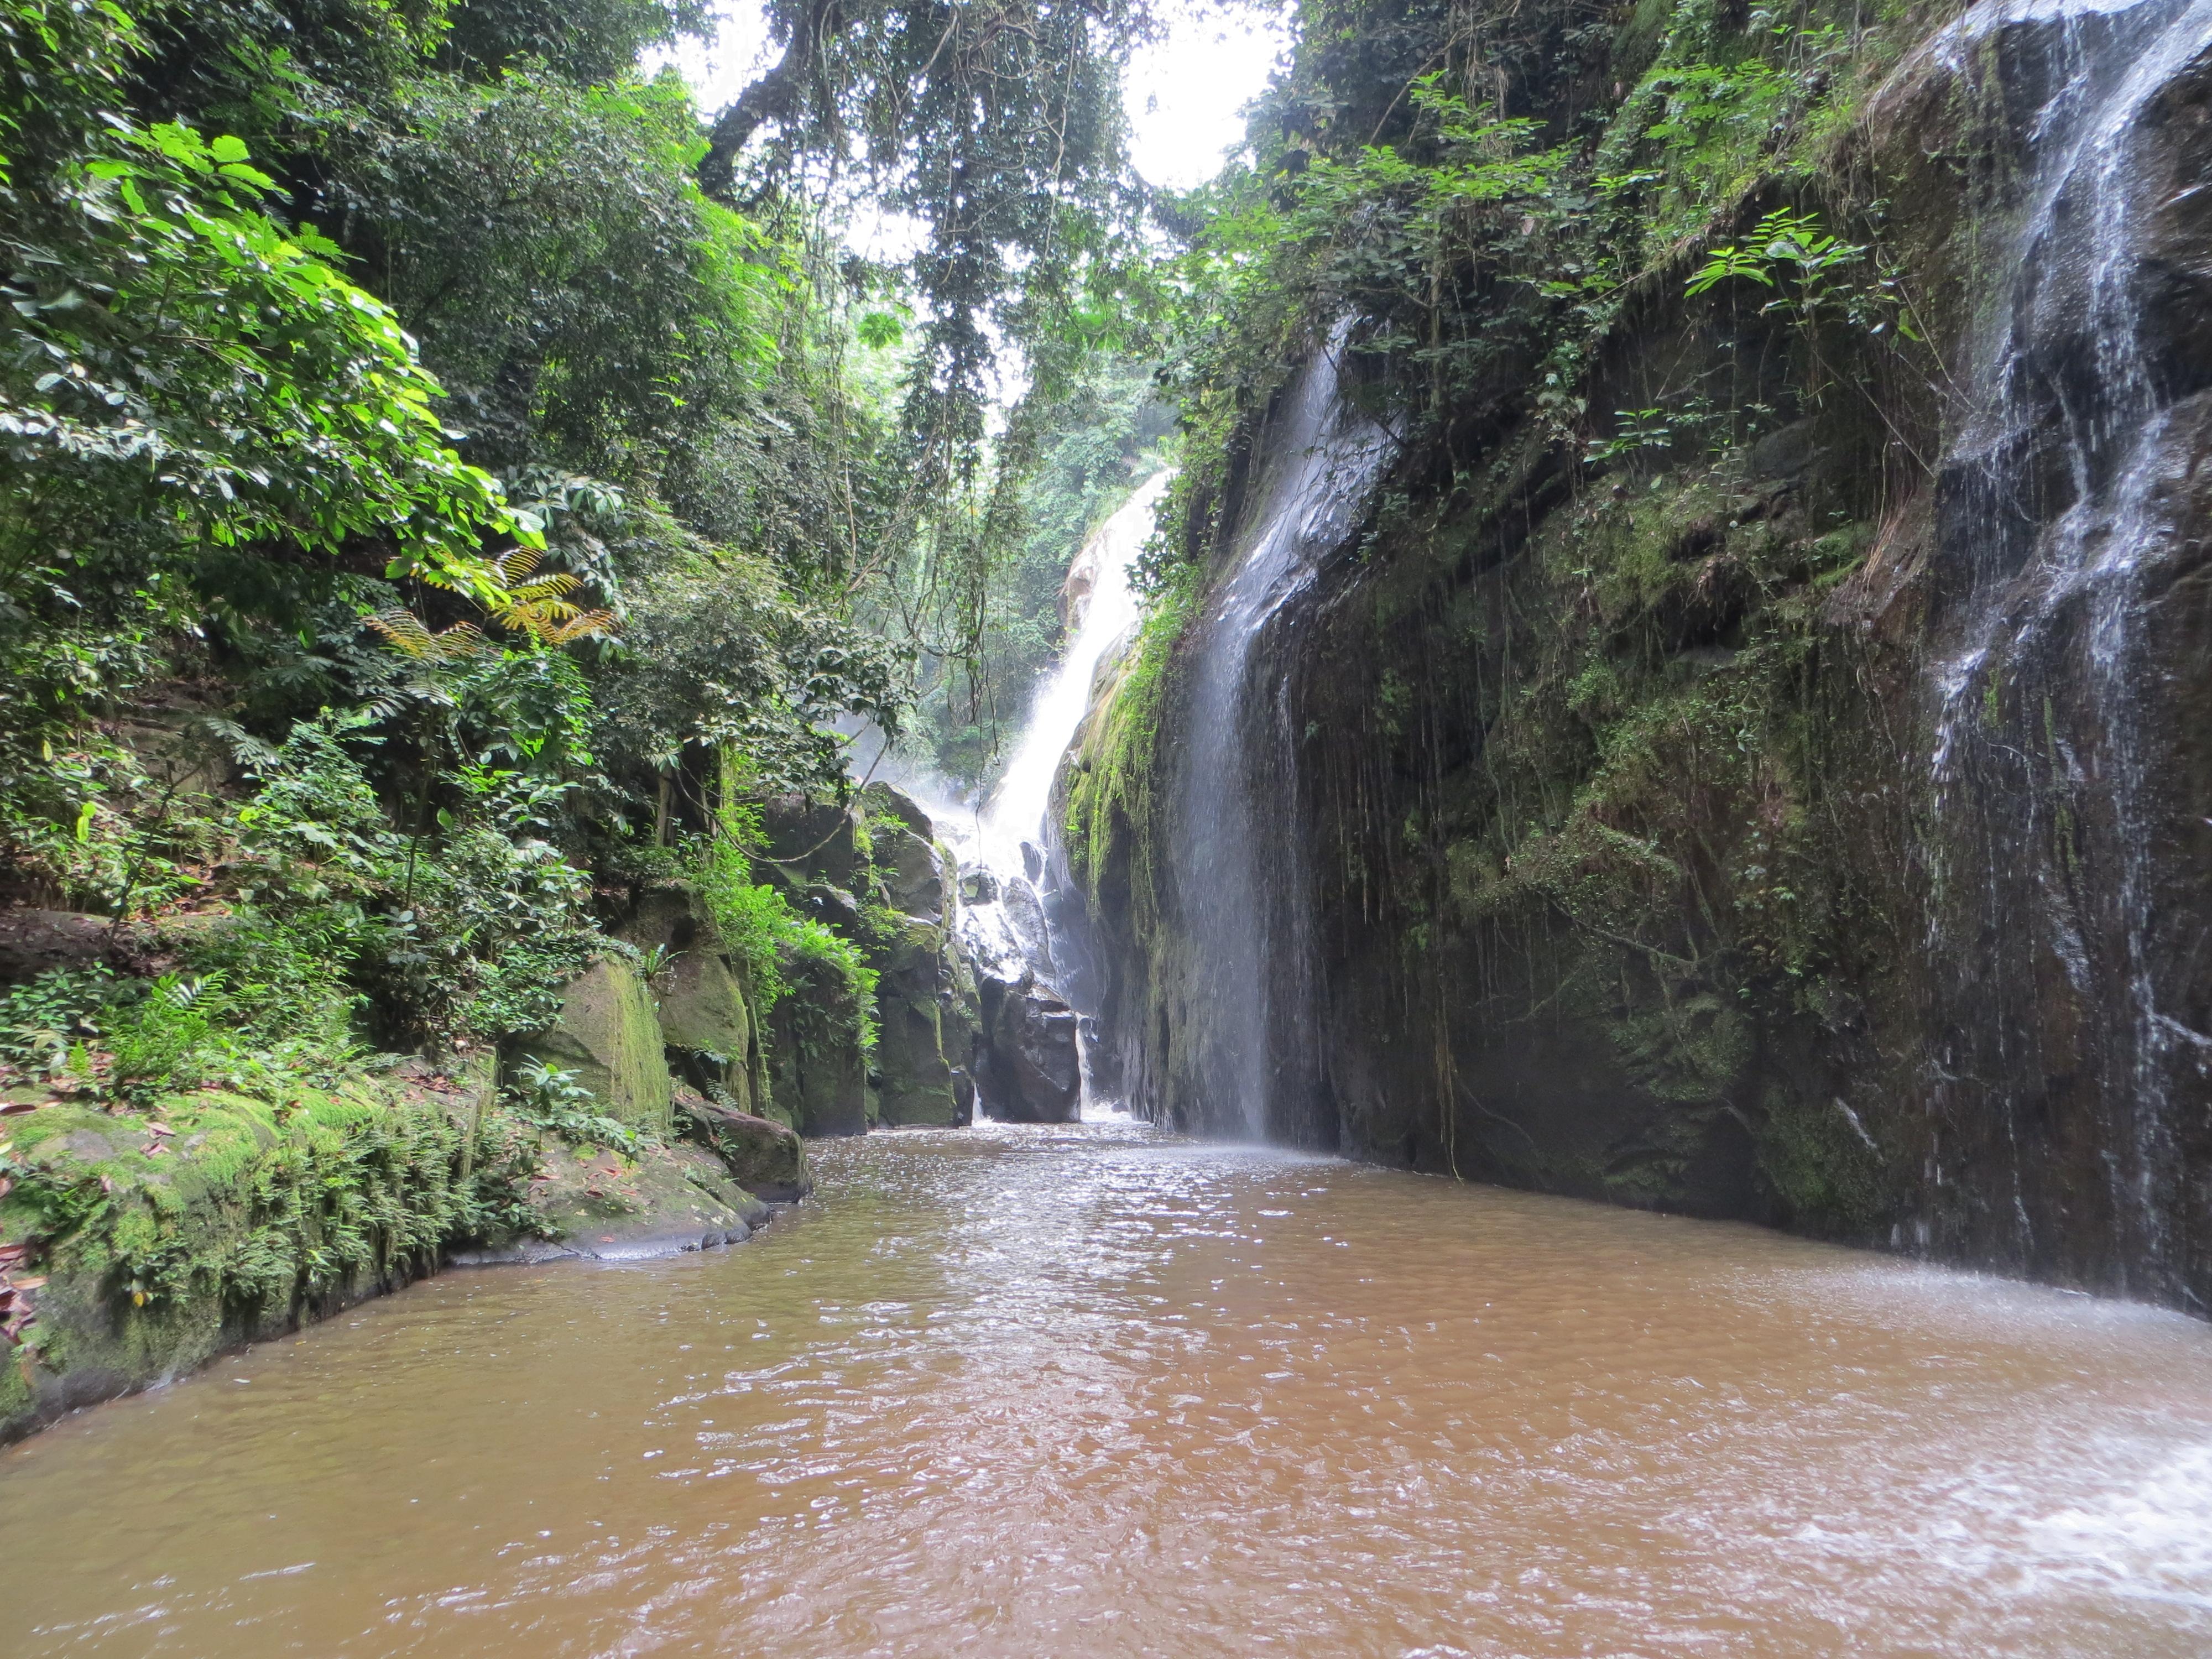 Λαϊκή Δημοκρατία του Κονγκό